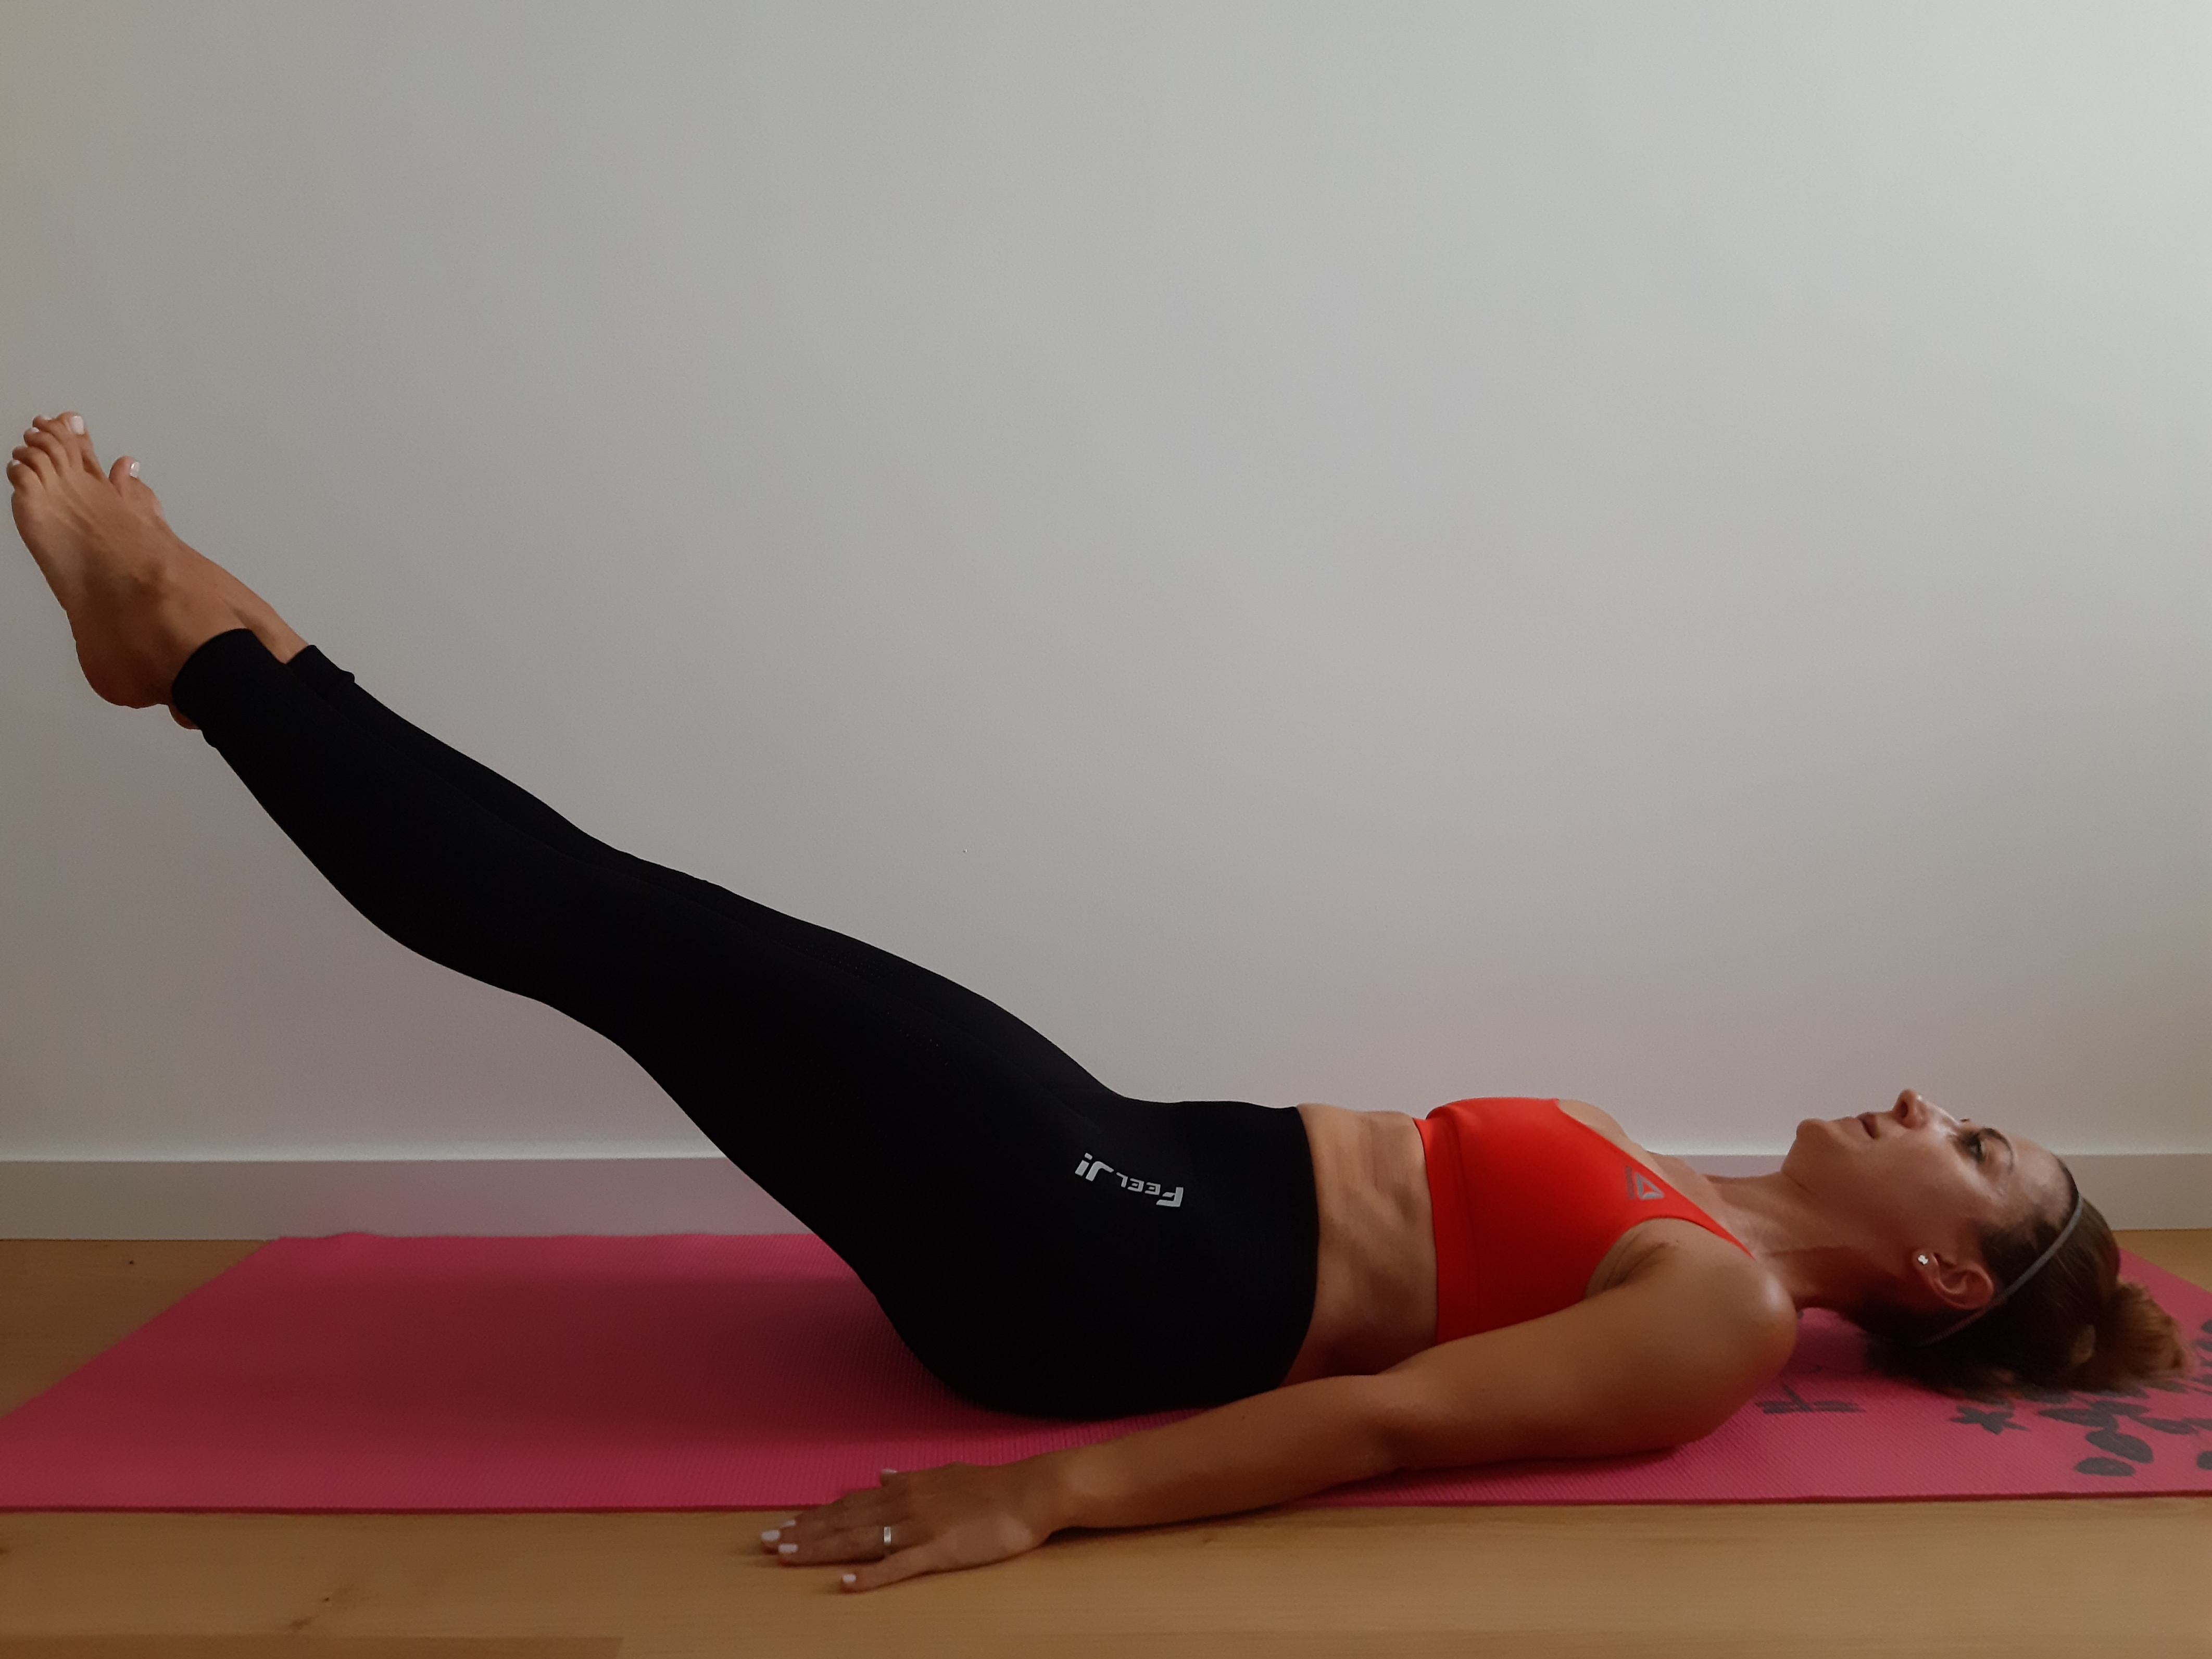 ćwiczenia mięśni brzucha opuszczanie nóg